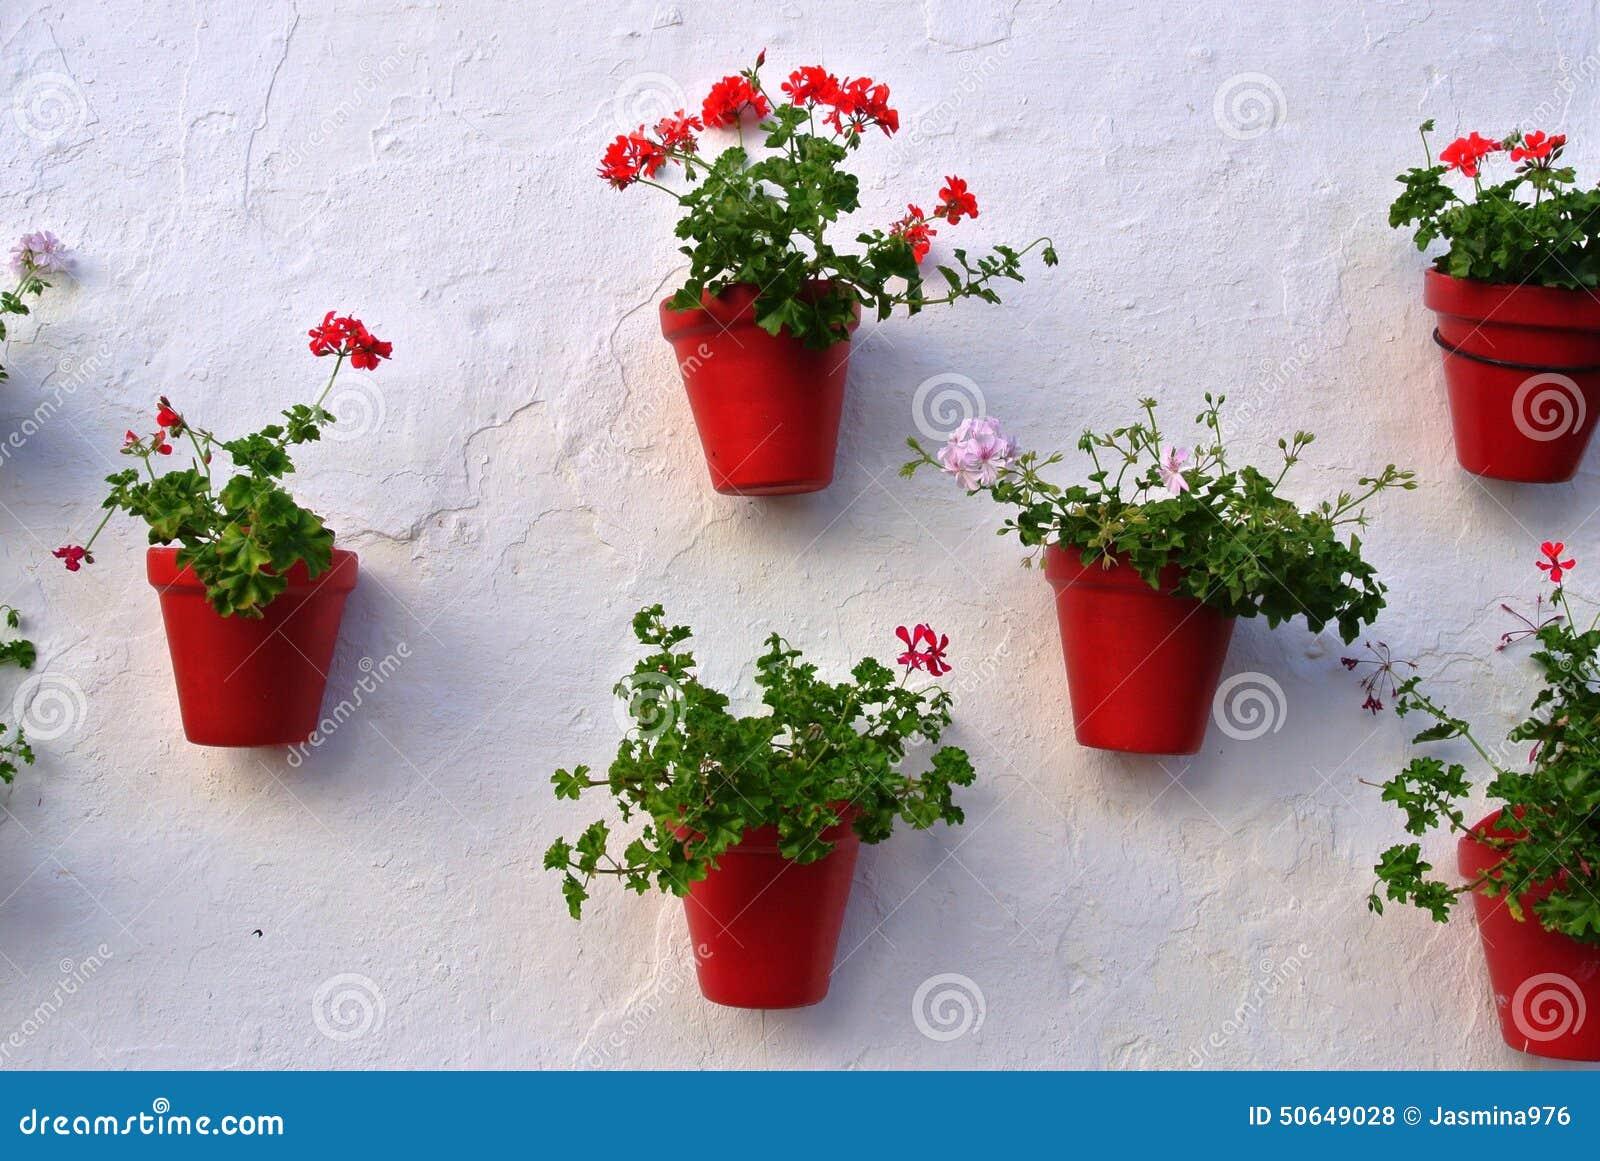 Orange Blumentopfe Auf Weisser Wand Stockfoto Bild Von Betrieb